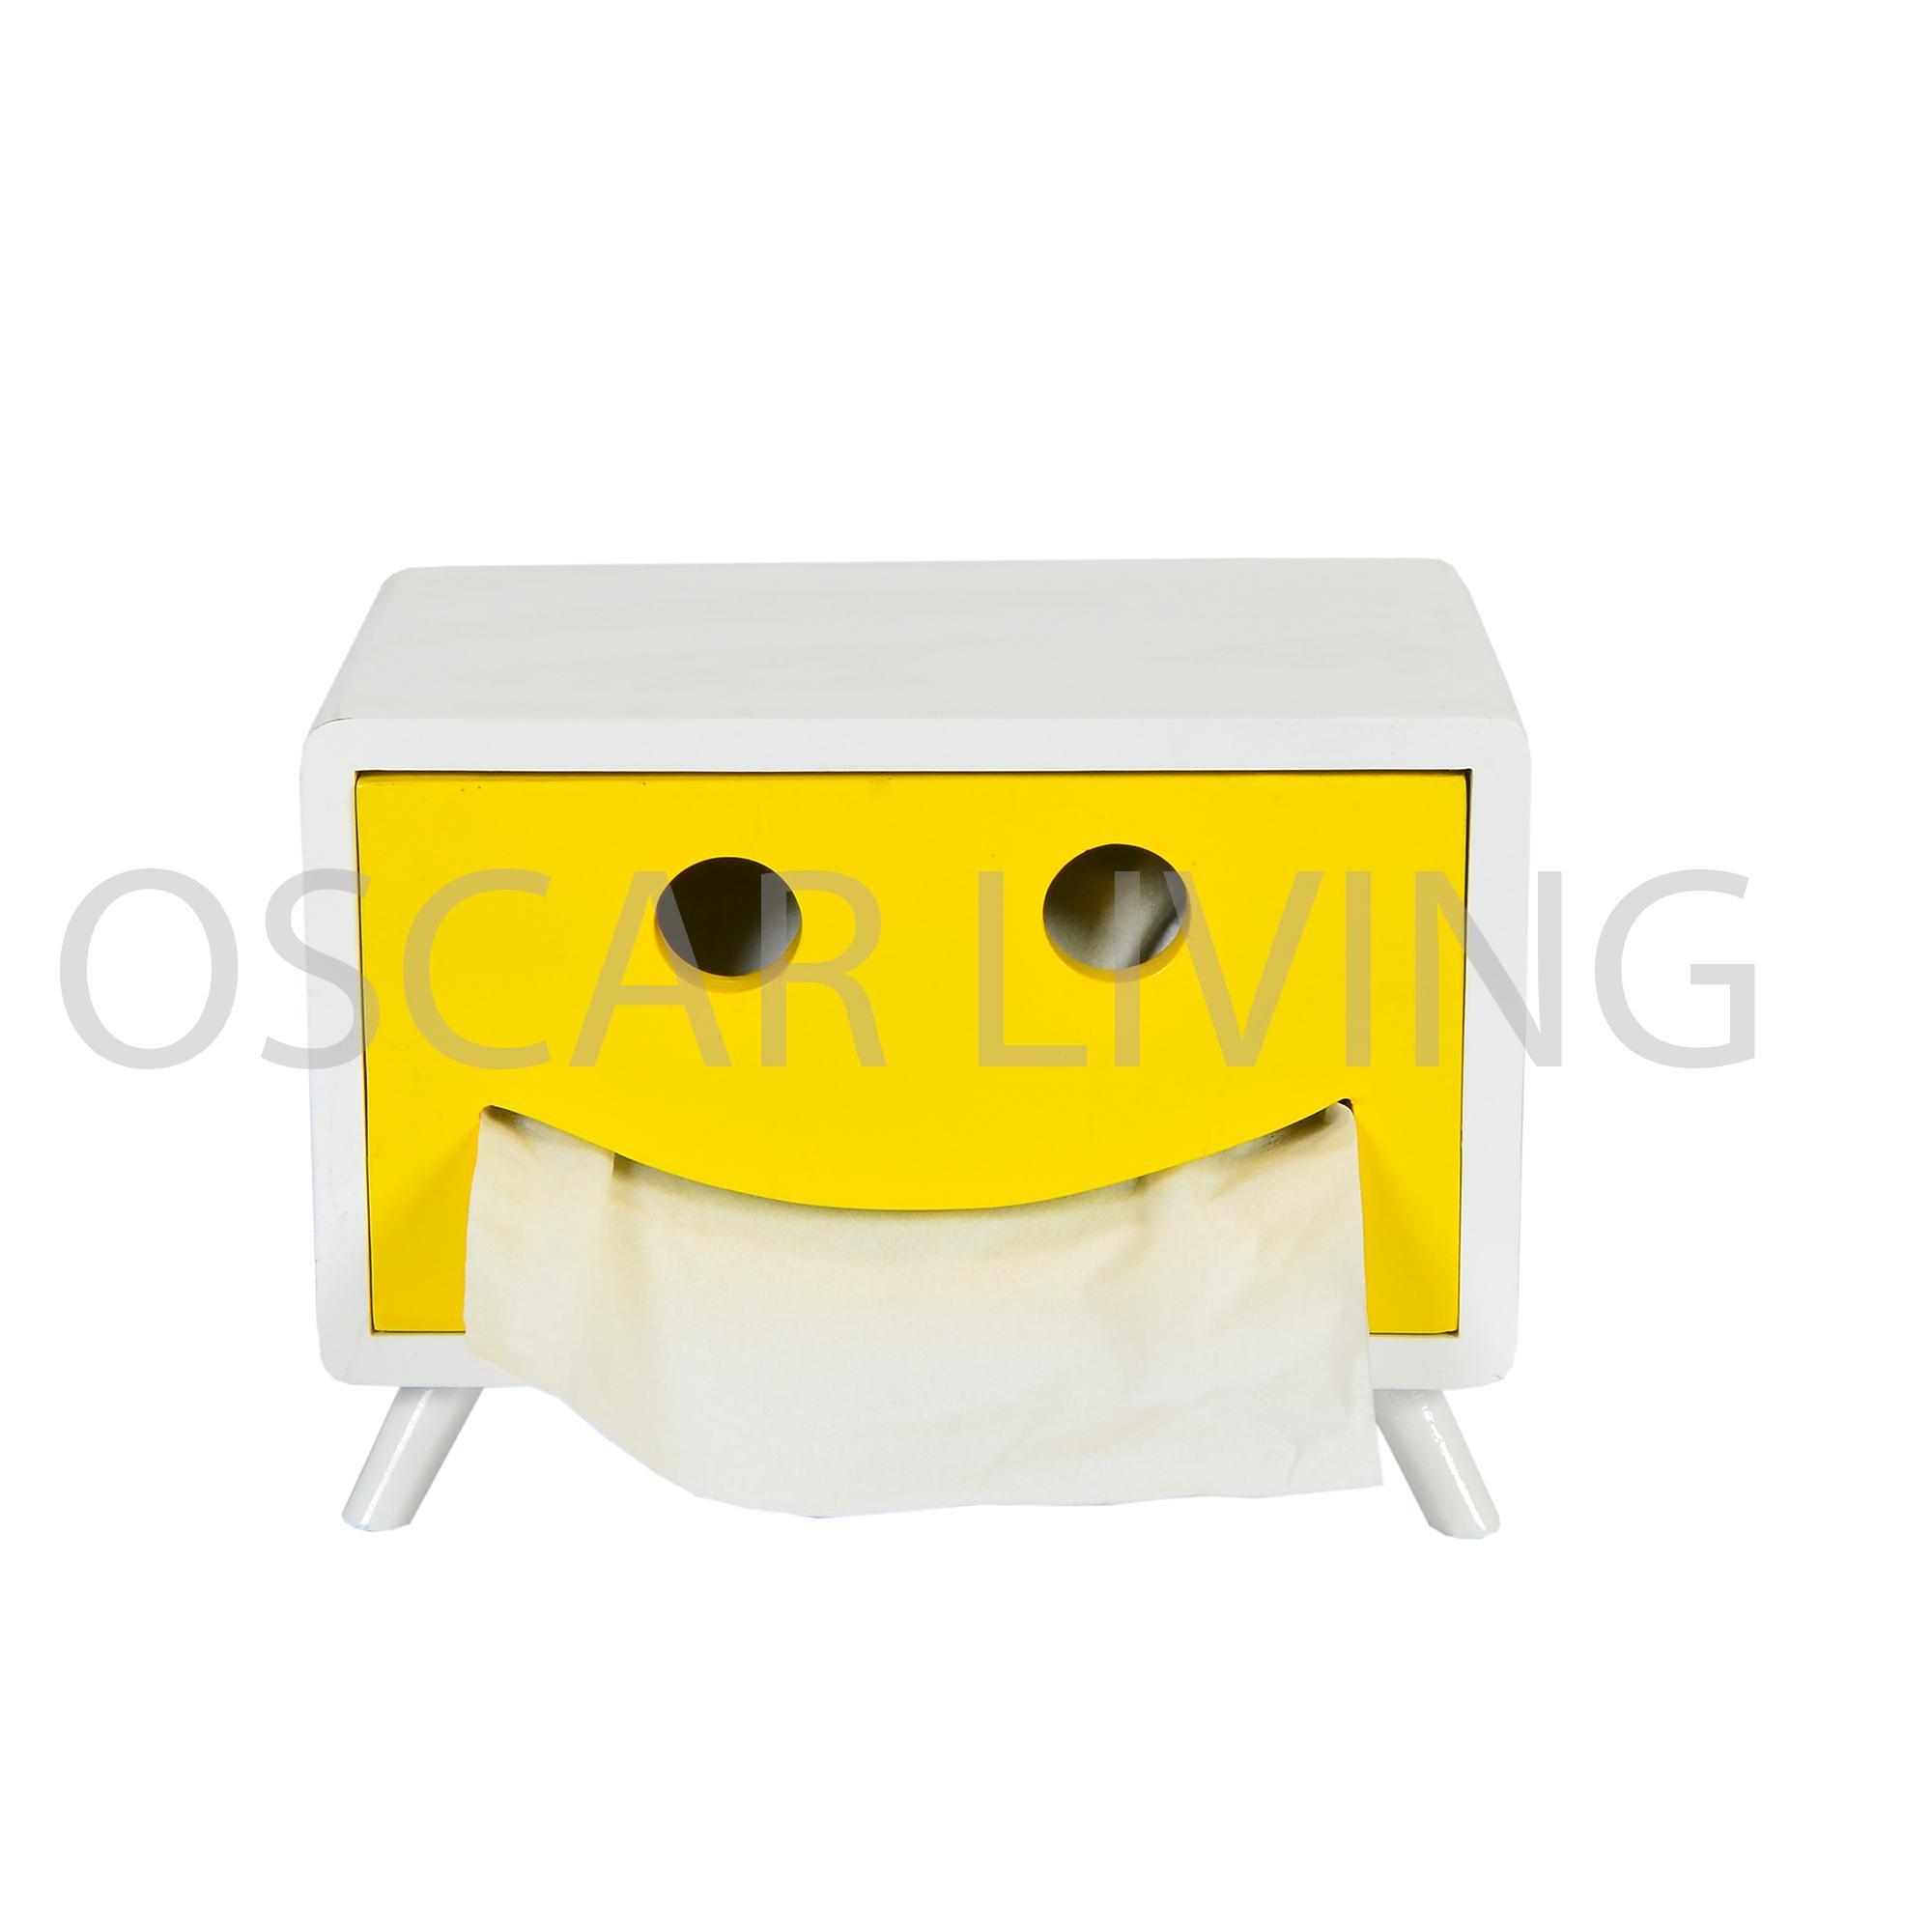 Smile Tempat Tisu Unik Dan Lucu Kuning Daftar Harga Terkini Tissue Holder Dapur Gulung Gantung  Hbh033 Detail Gambar Kotak Big Amazon Terbaru